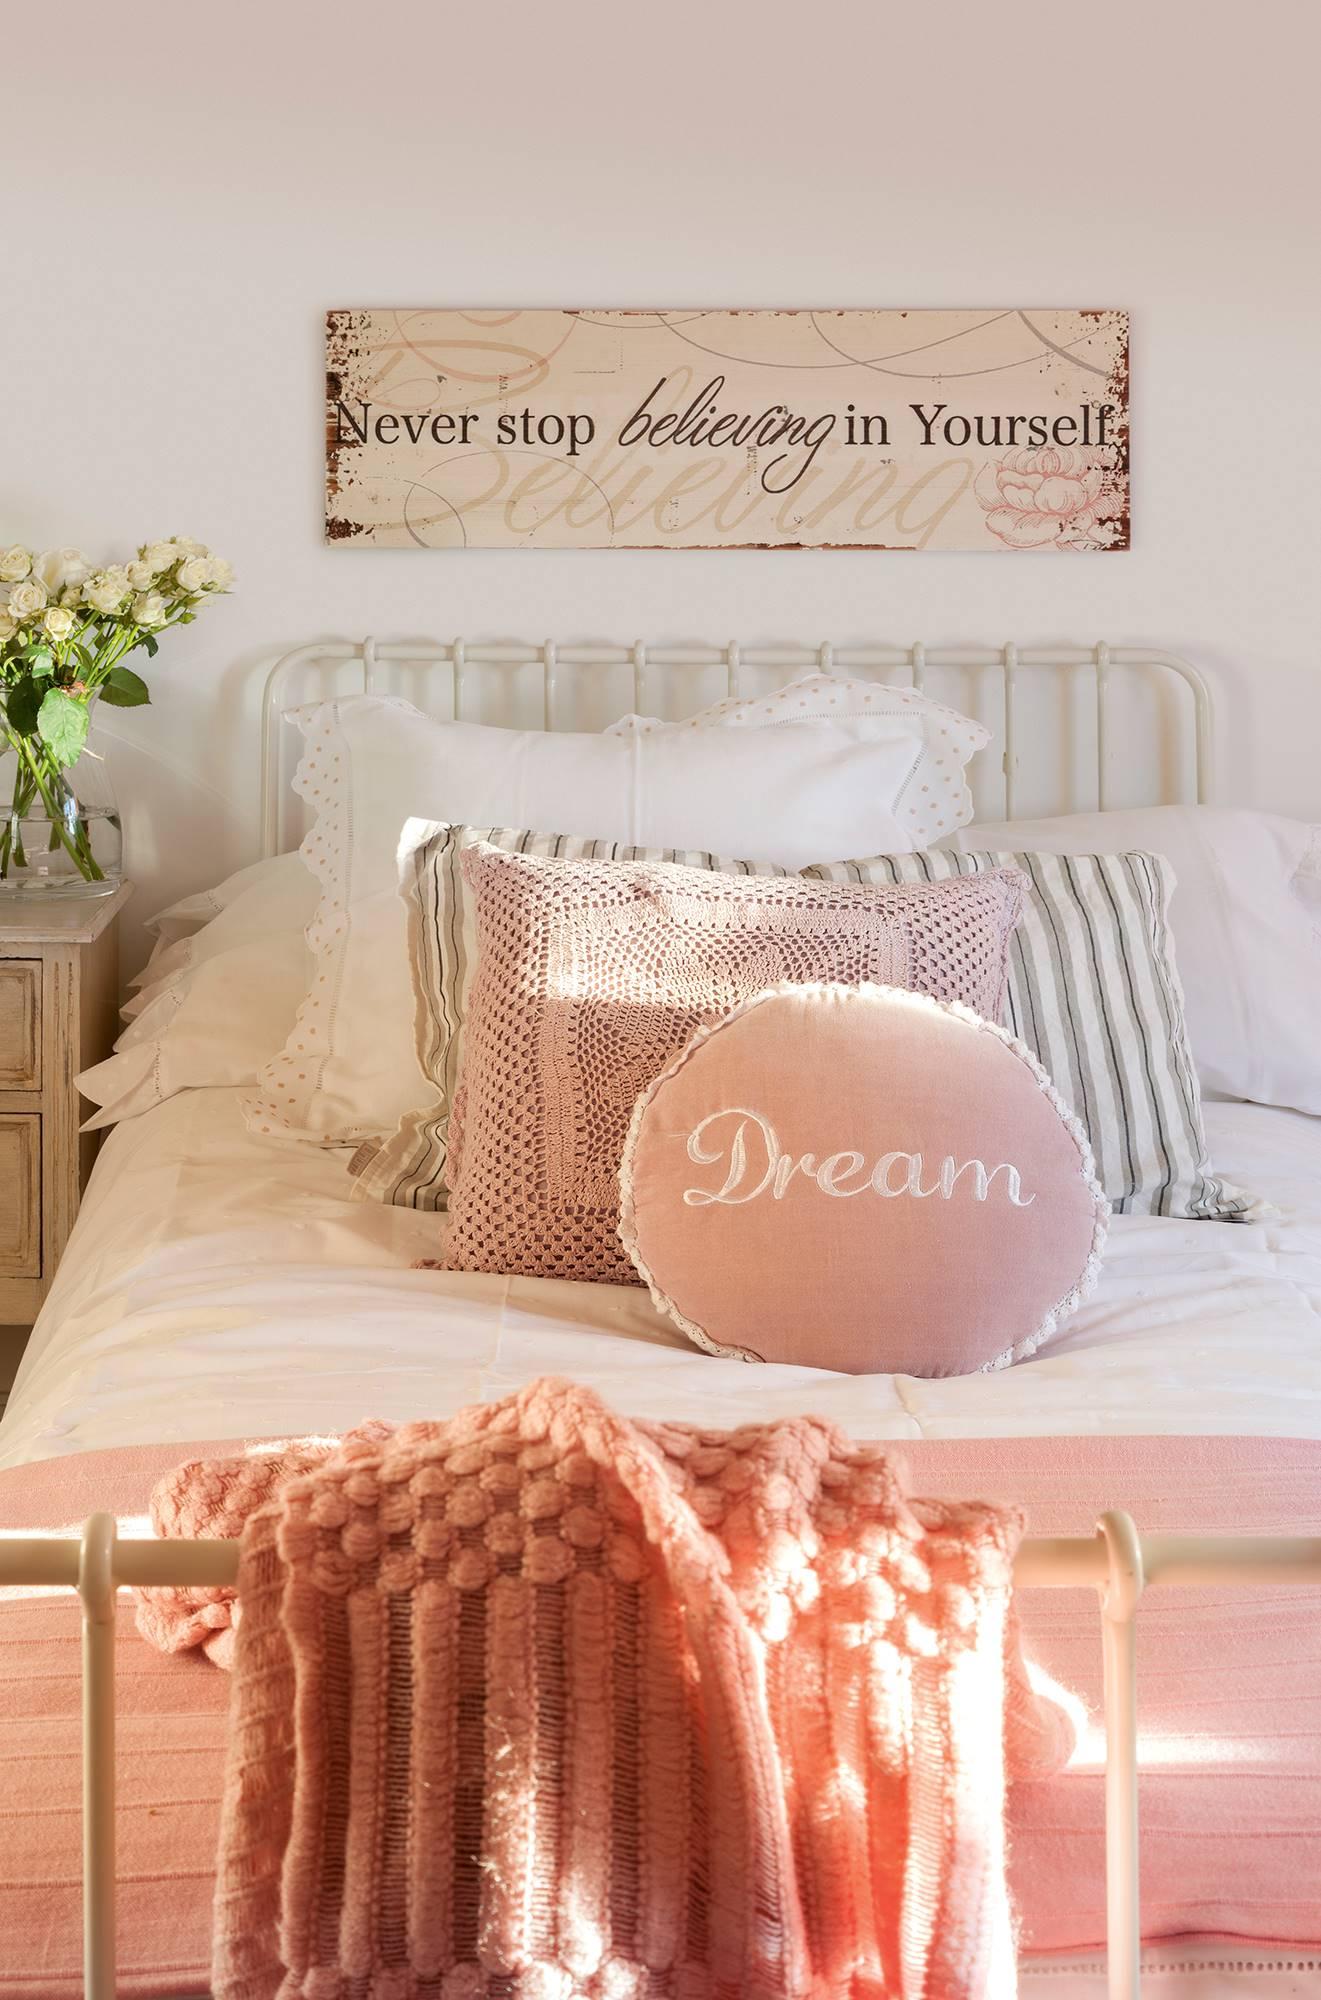 semitoma-de-dormitorio-con-cama-de-forja-y-ropa-de-cama-blanca-y-rosa 5a867f0d. Romanticismo con sabor campestre